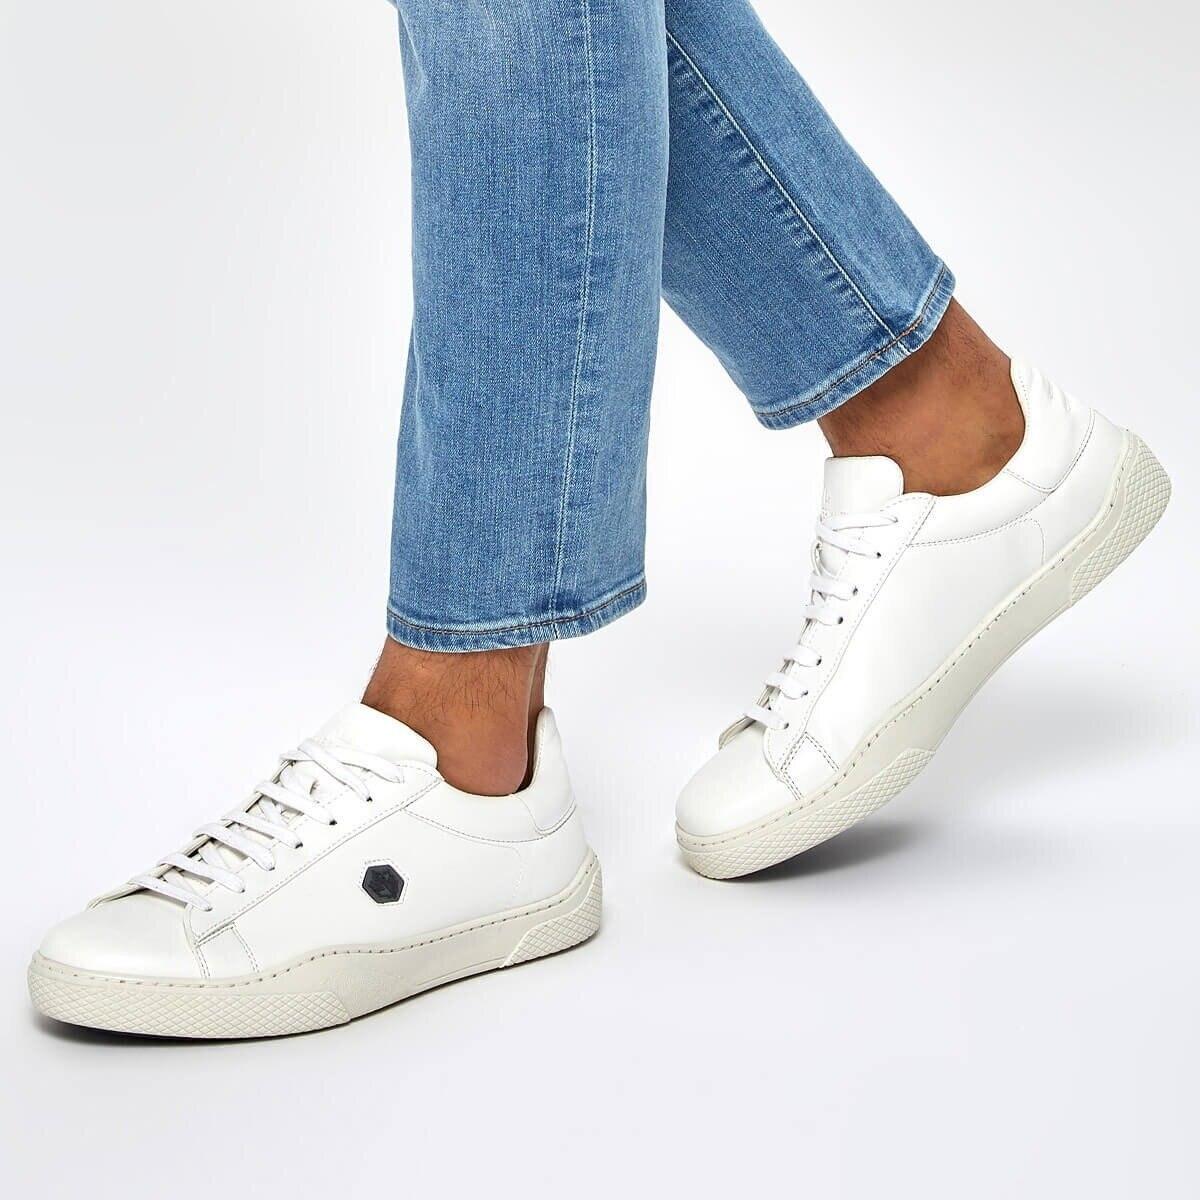 FLO BIVOR 9PR White Men 'S Sneaker Shoes LUMBERJACK